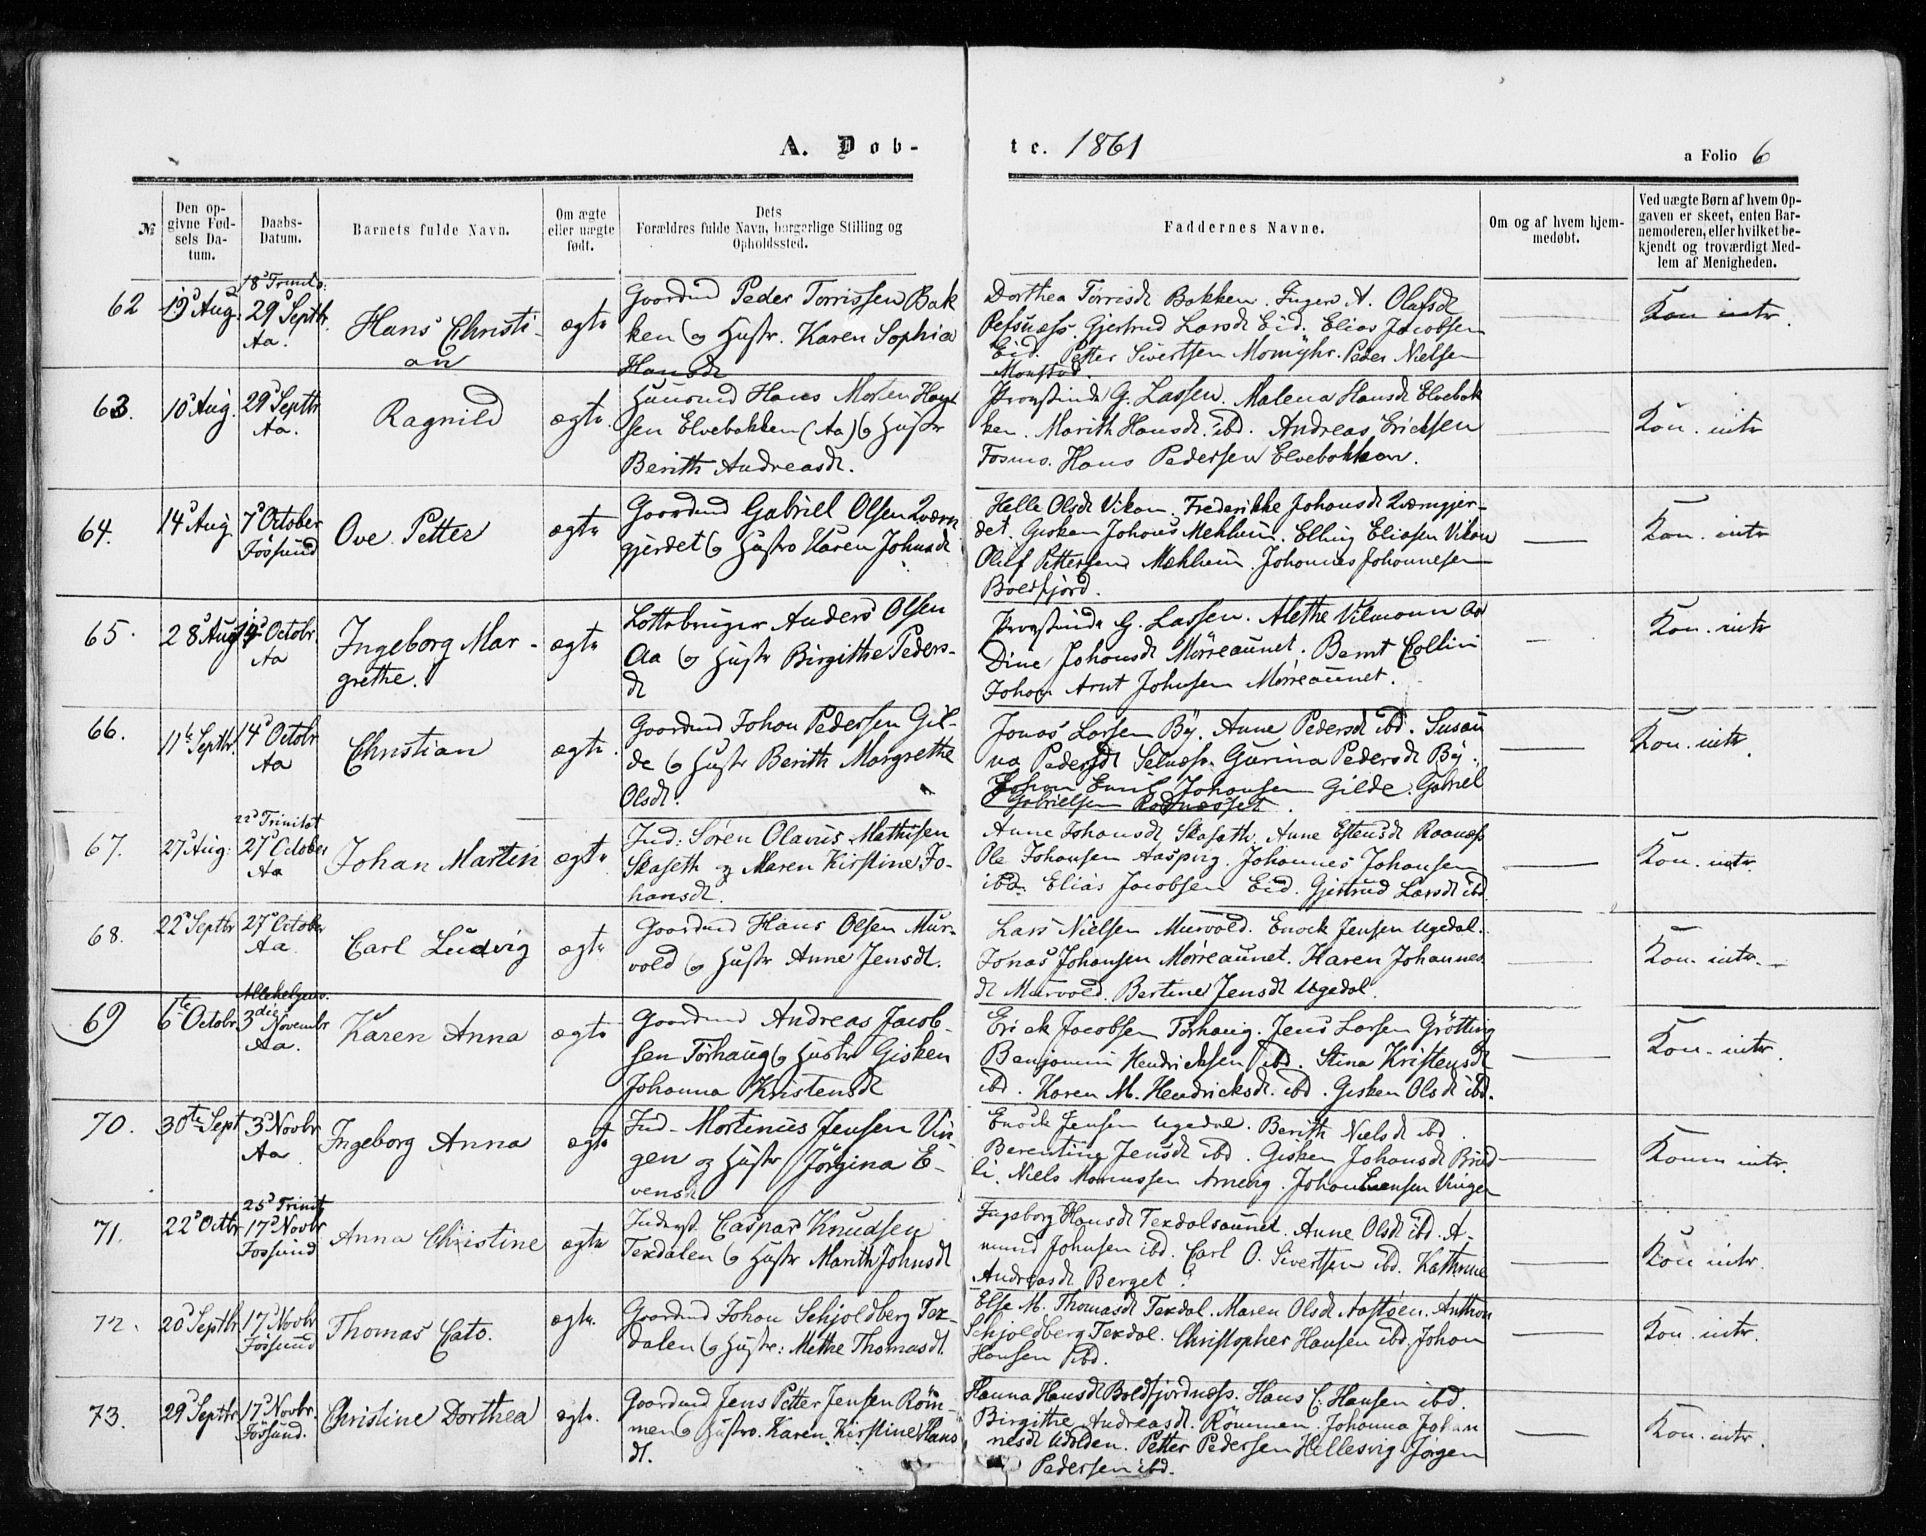 SAT, Ministerialprotokoller, klokkerbøker og fødselsregistre - Sør-Trøndelag, 655/L0678: Ministerialbok nr. 655A07, 1861-1873, s. 6